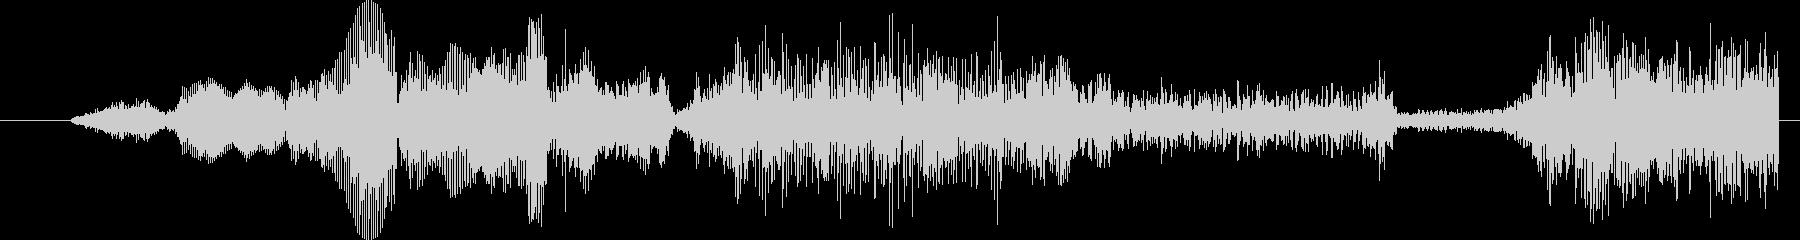 モンスター グリッチトーク05の未再生の波形